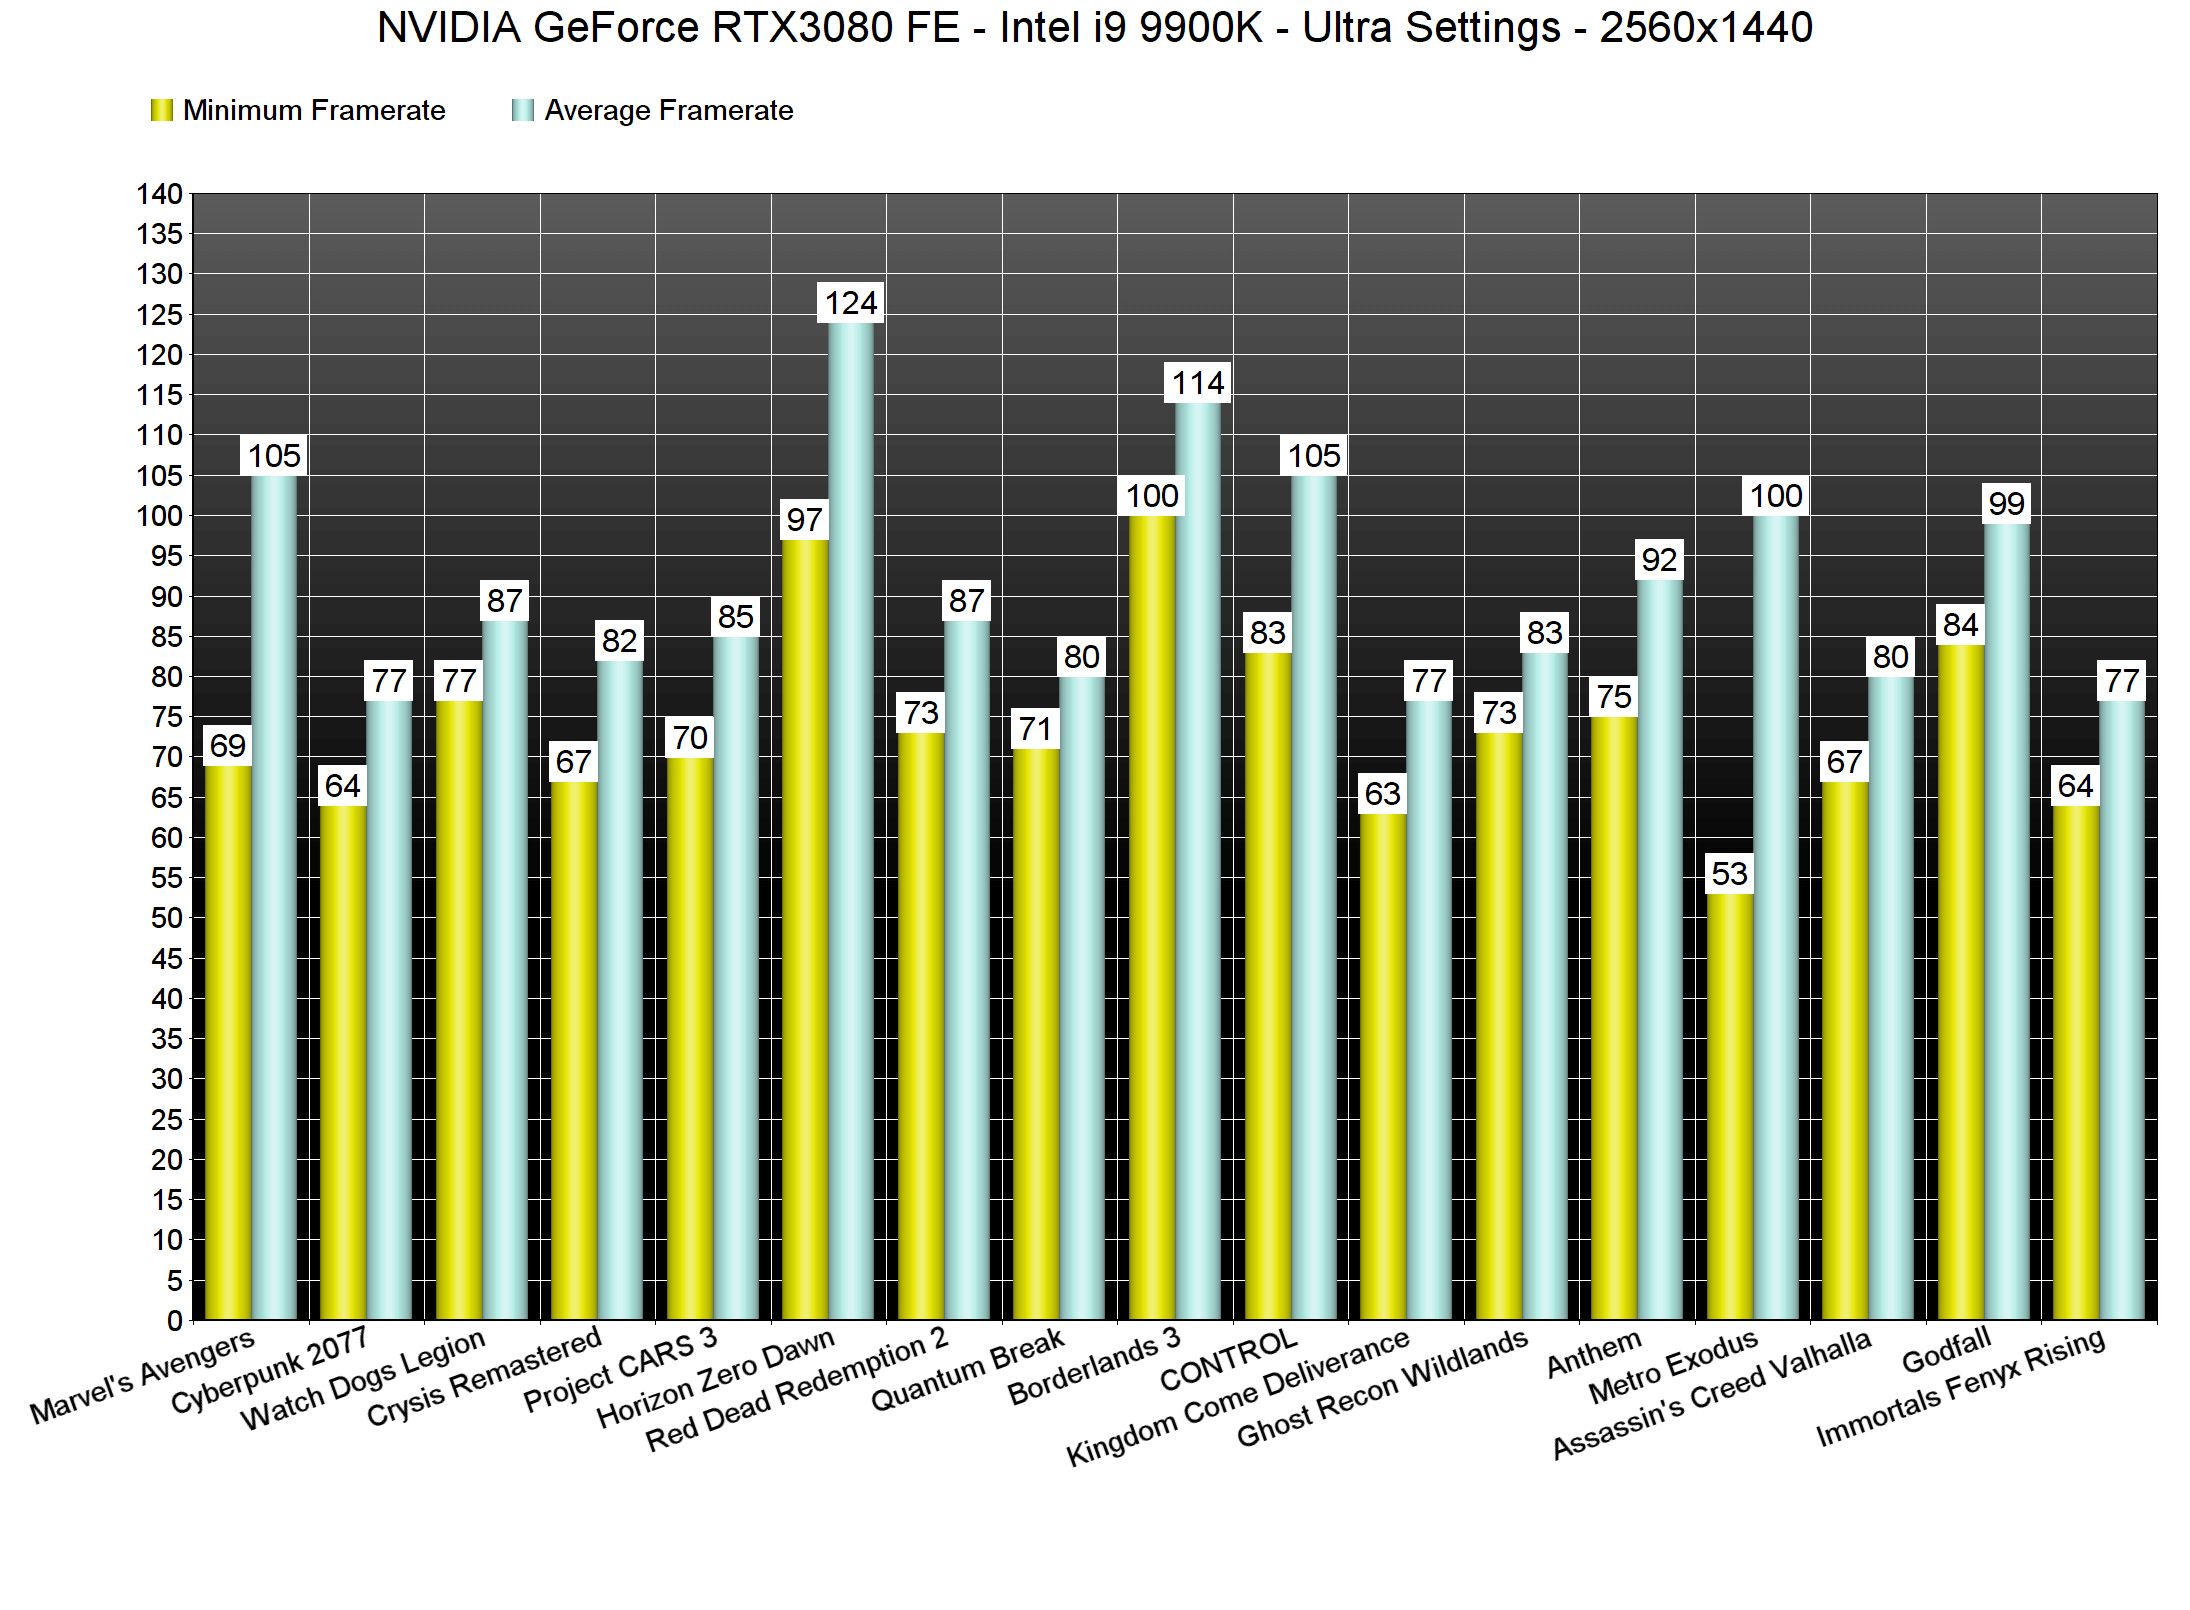 NVIDIA GeForce RTX3080 1440p benchmarks